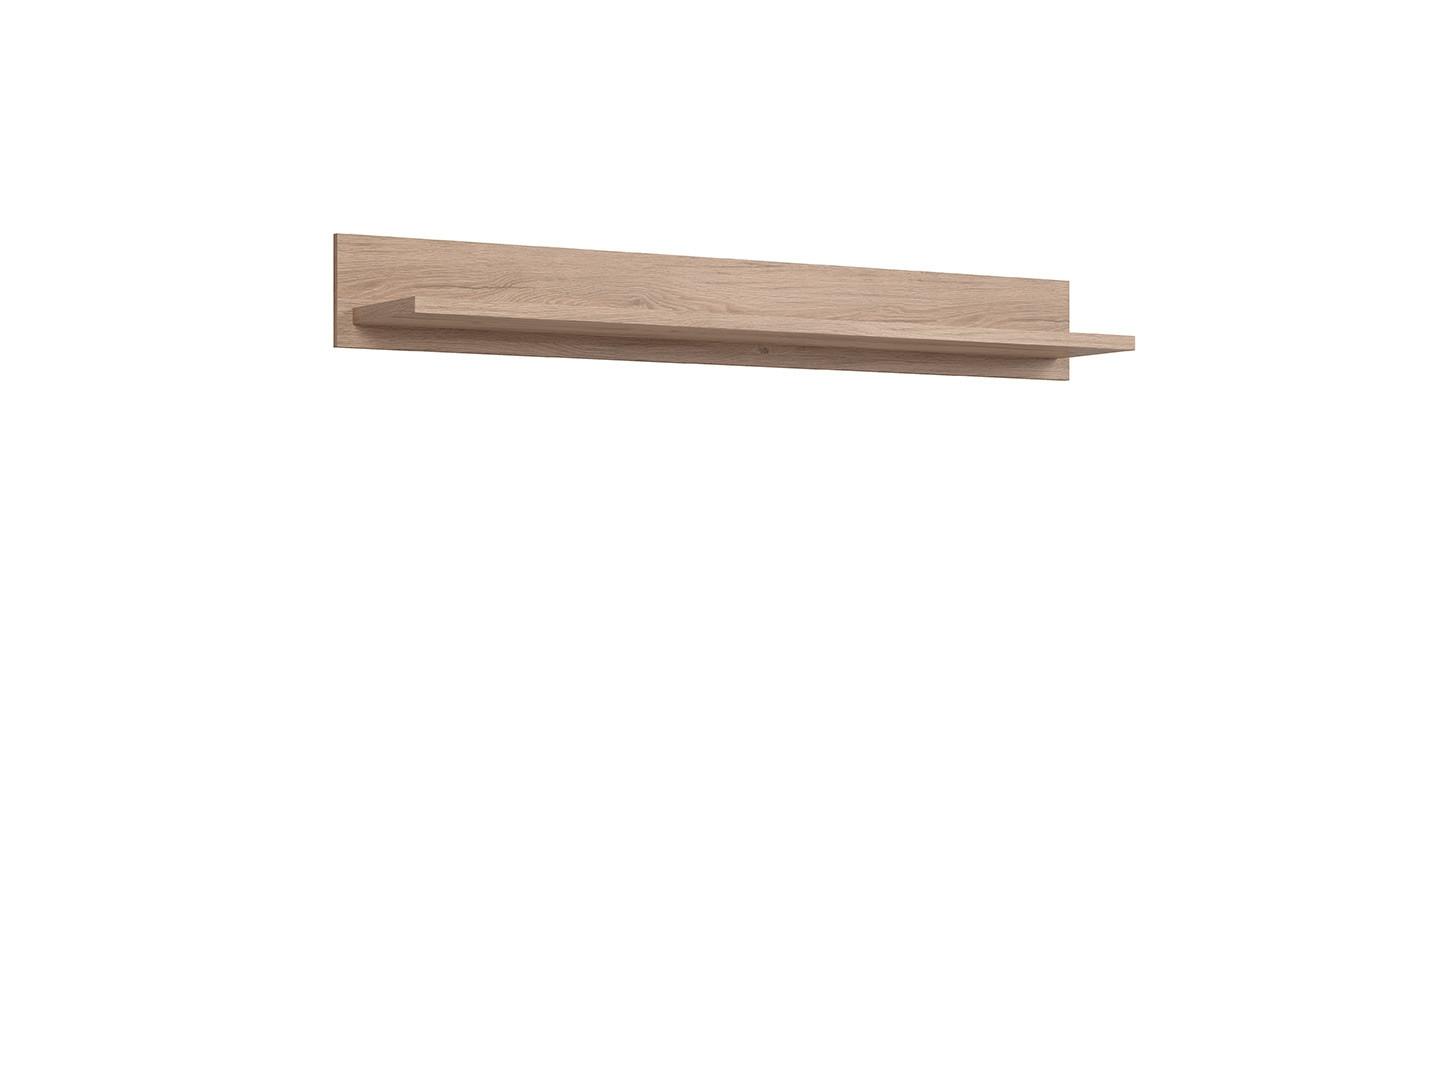 Seinariiul 160cm LUTTICH P/2/16